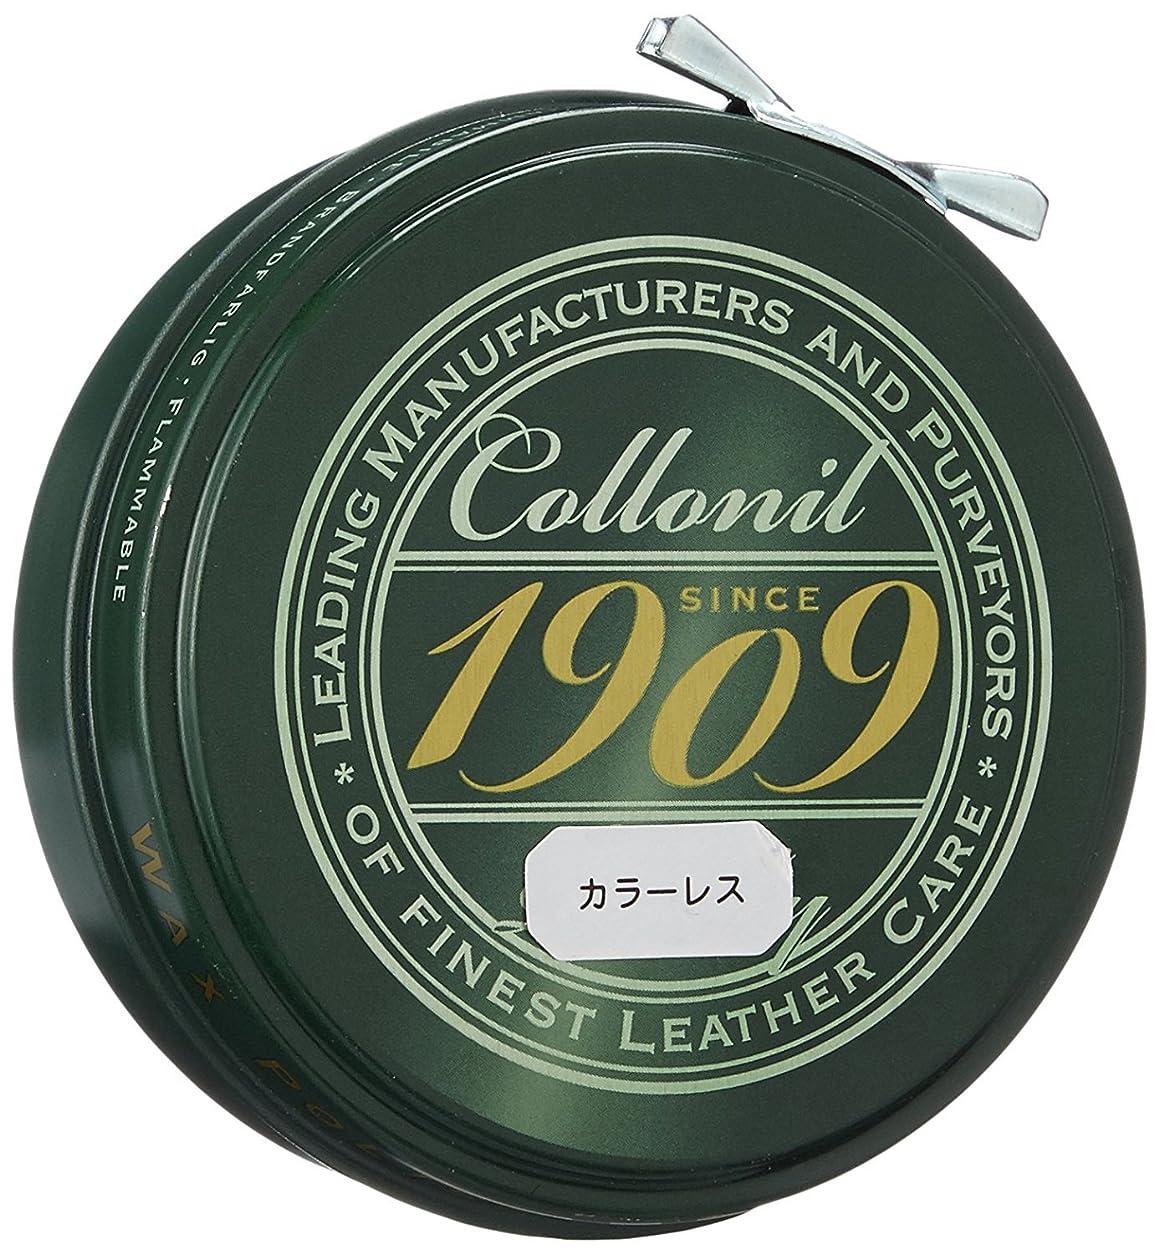 ケージストローク排泄するCollonil コロニル1909 ワックスポリッシュ 75ml wax